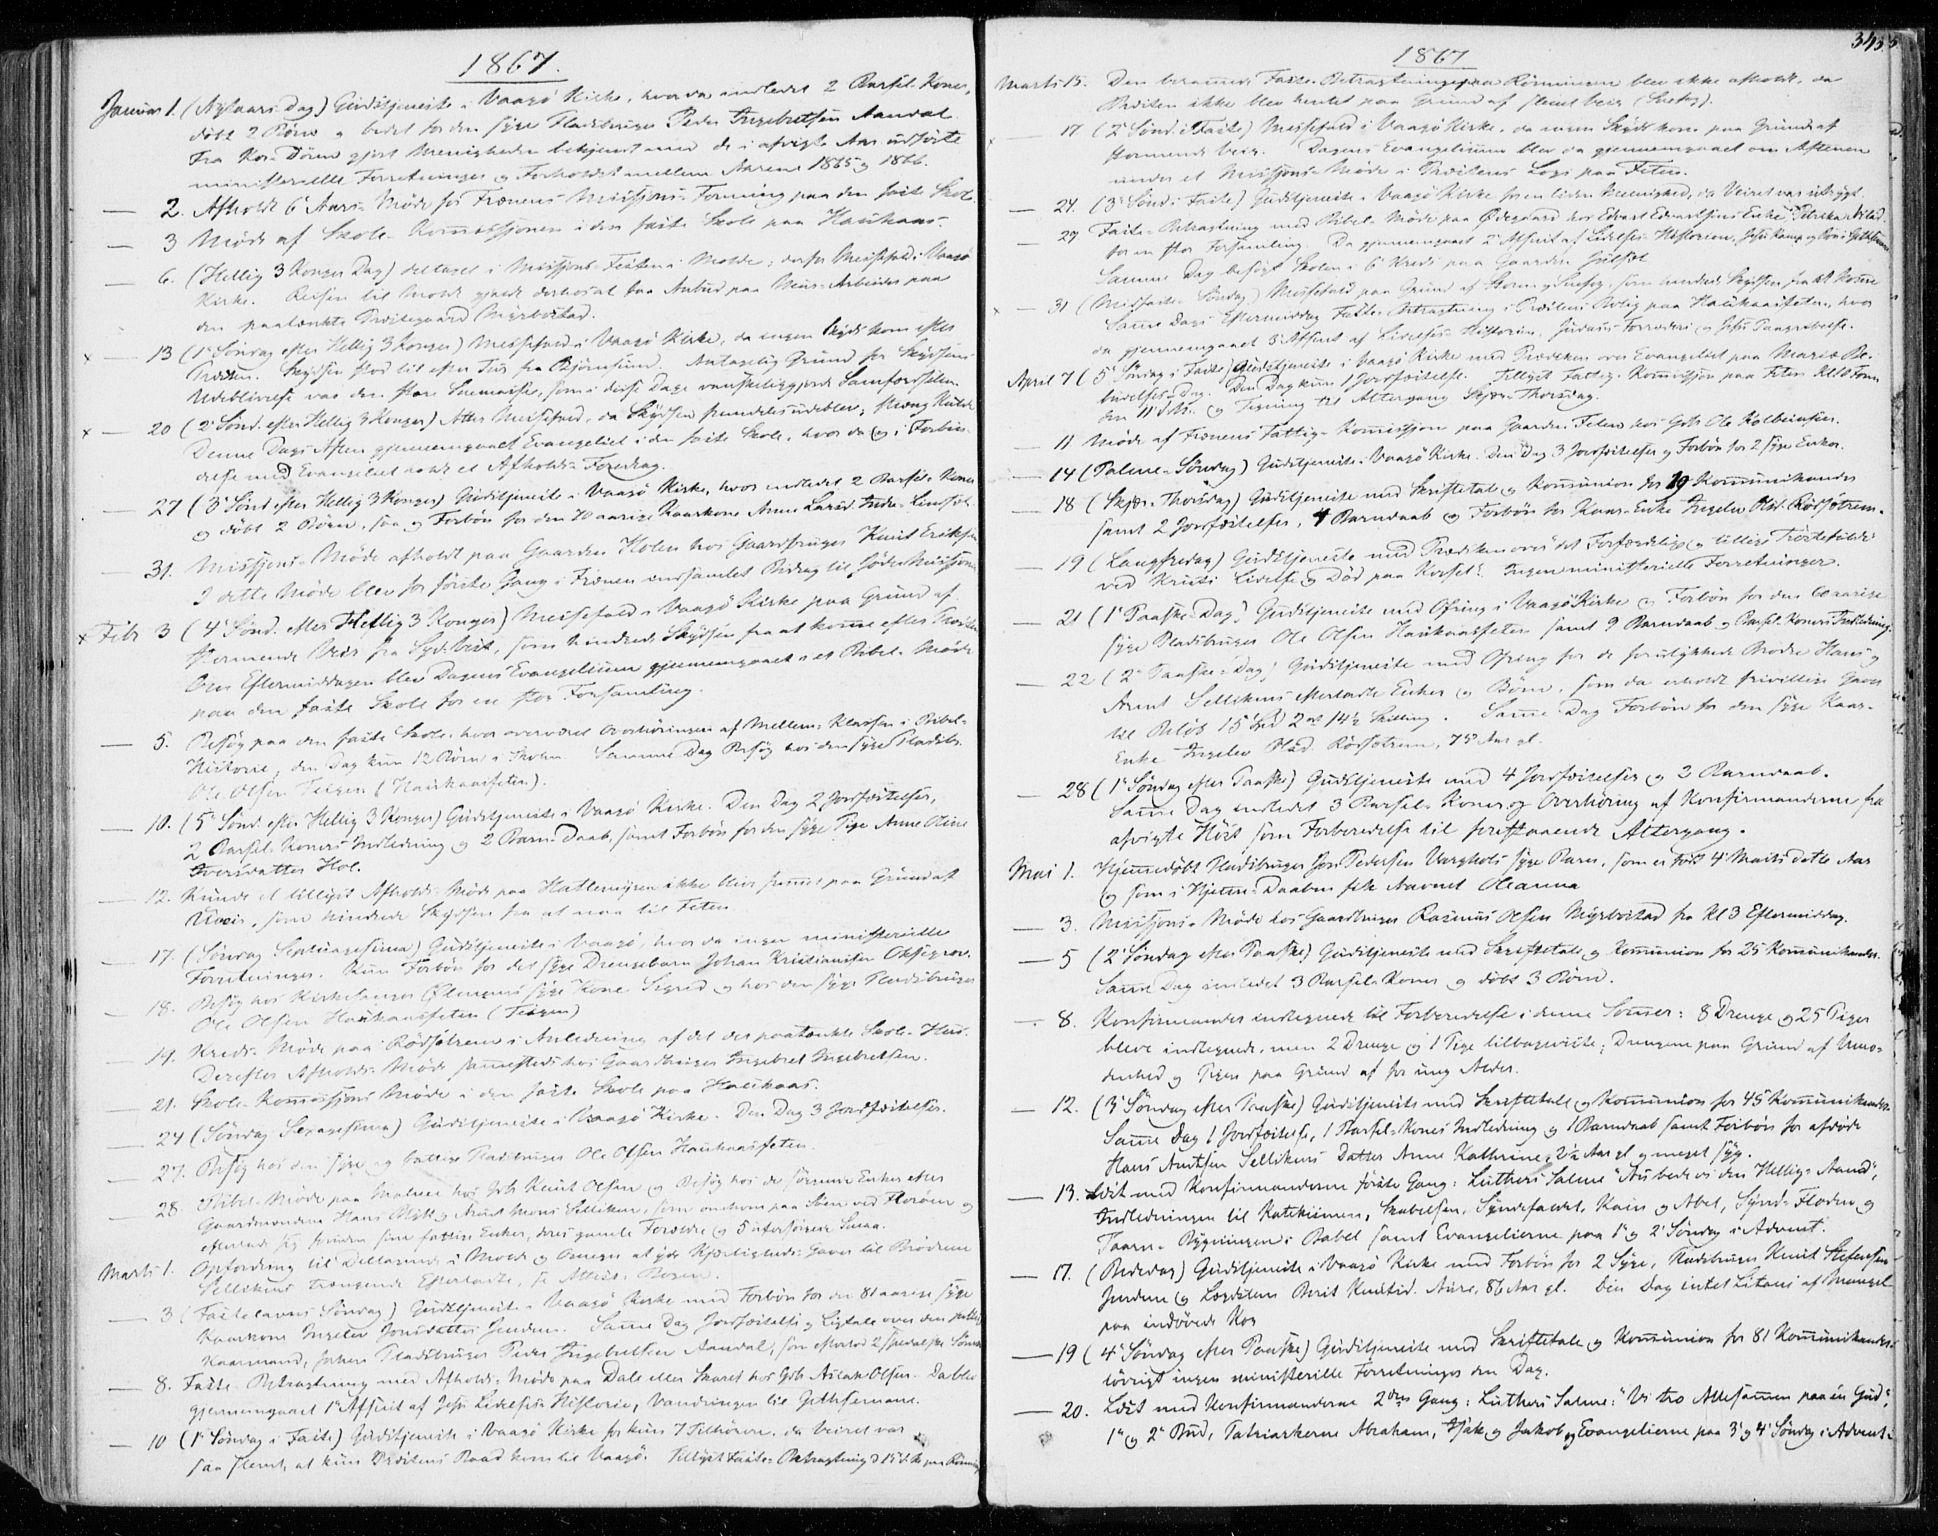 SAT, Ministerialprotokoller, klokkerbøker og fødselsregistre - Møre og Romsdal, 565/L0748: Ministerialbok nr. 565A02, 1845-1872, s. 343